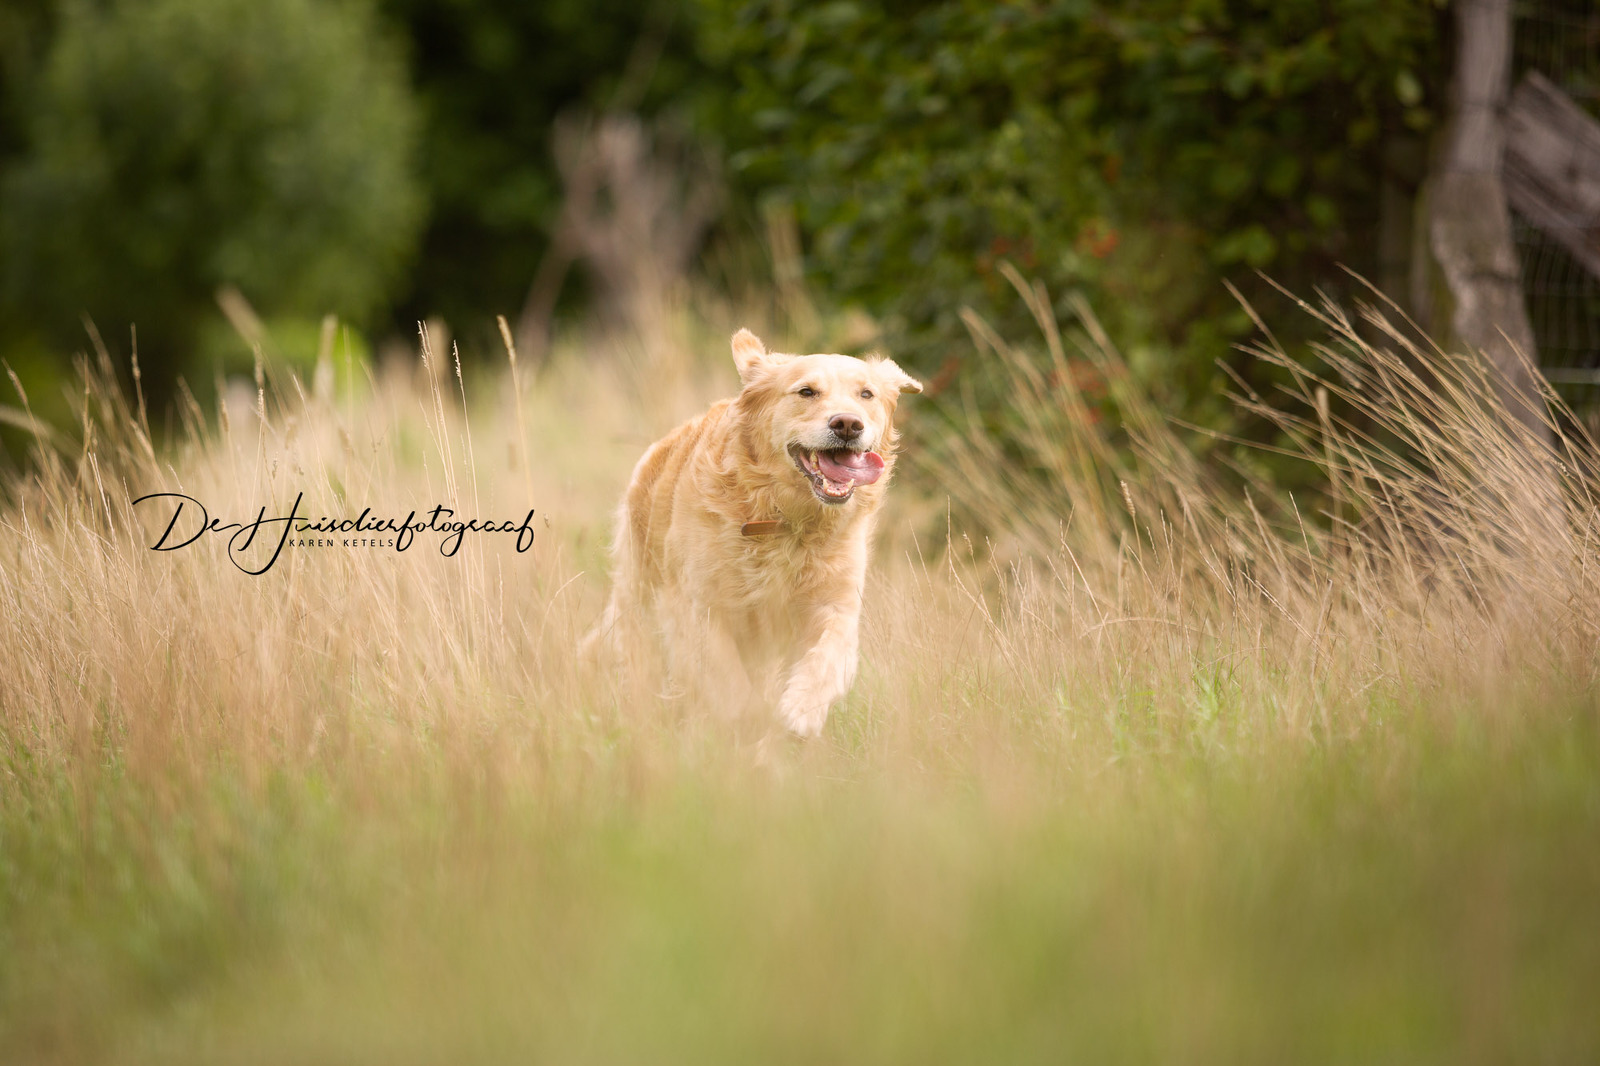 Portret van een rennende bruine golden retriever in hoge grassen. Ze rent zo enthousiast dat haar oortjes rondvliegen en haar tong uit haar muil hangt. Portret door De Huisdierfotograaf